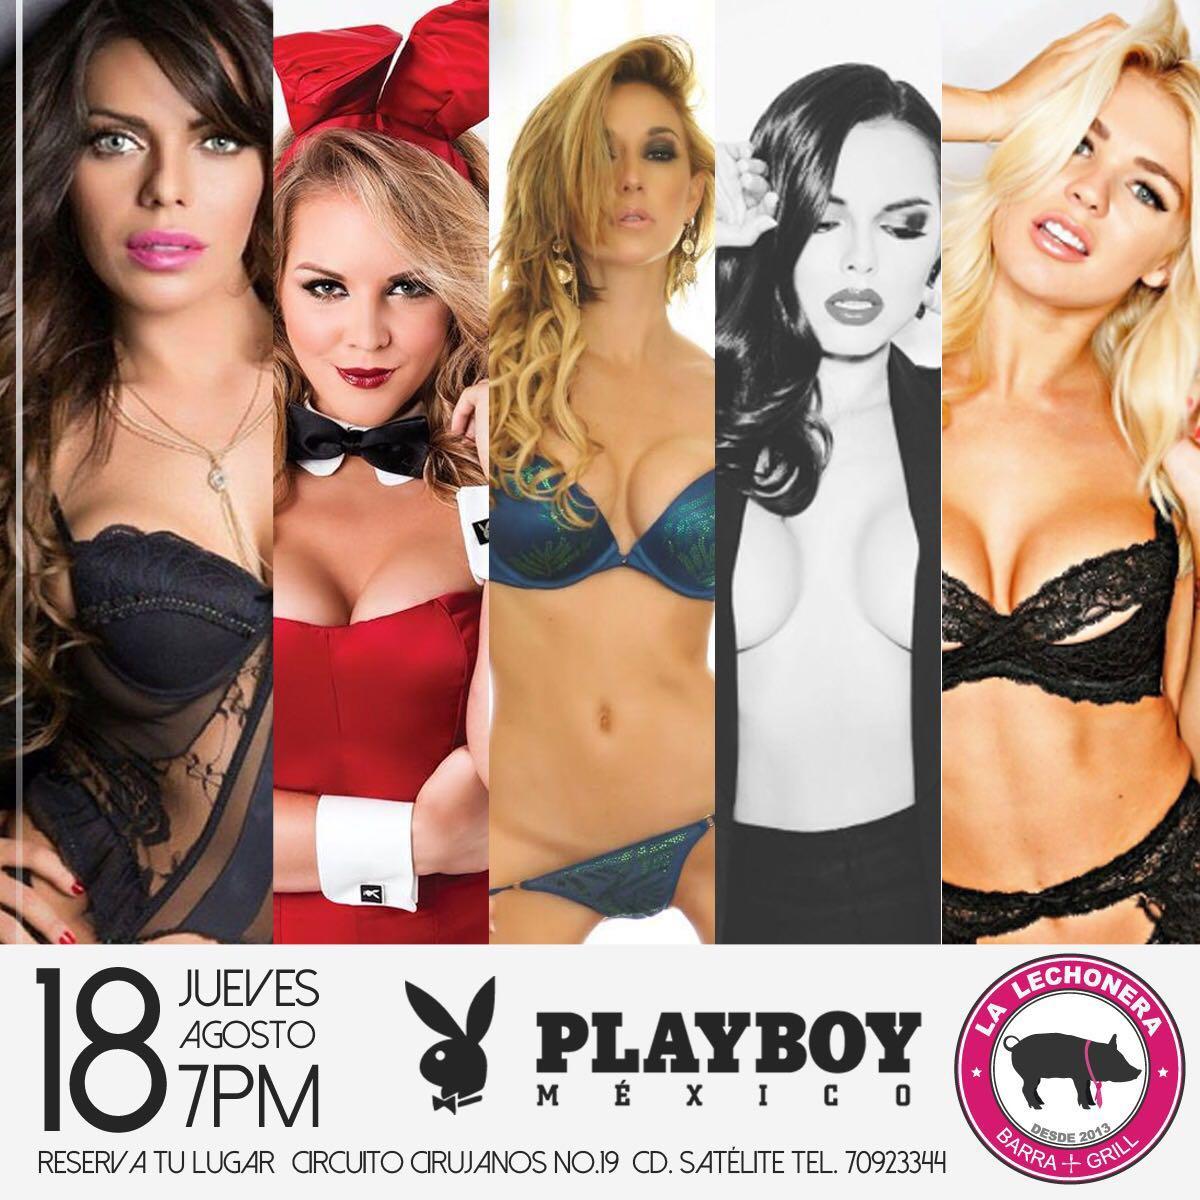 RT @PlayboyMX: ¡Hermosas conejitas! Reserva tu lugar y conócelas este 18 de Agosto en la @lalechoneramx ¡Te esperamos! https://t.co/0Deq6LO…